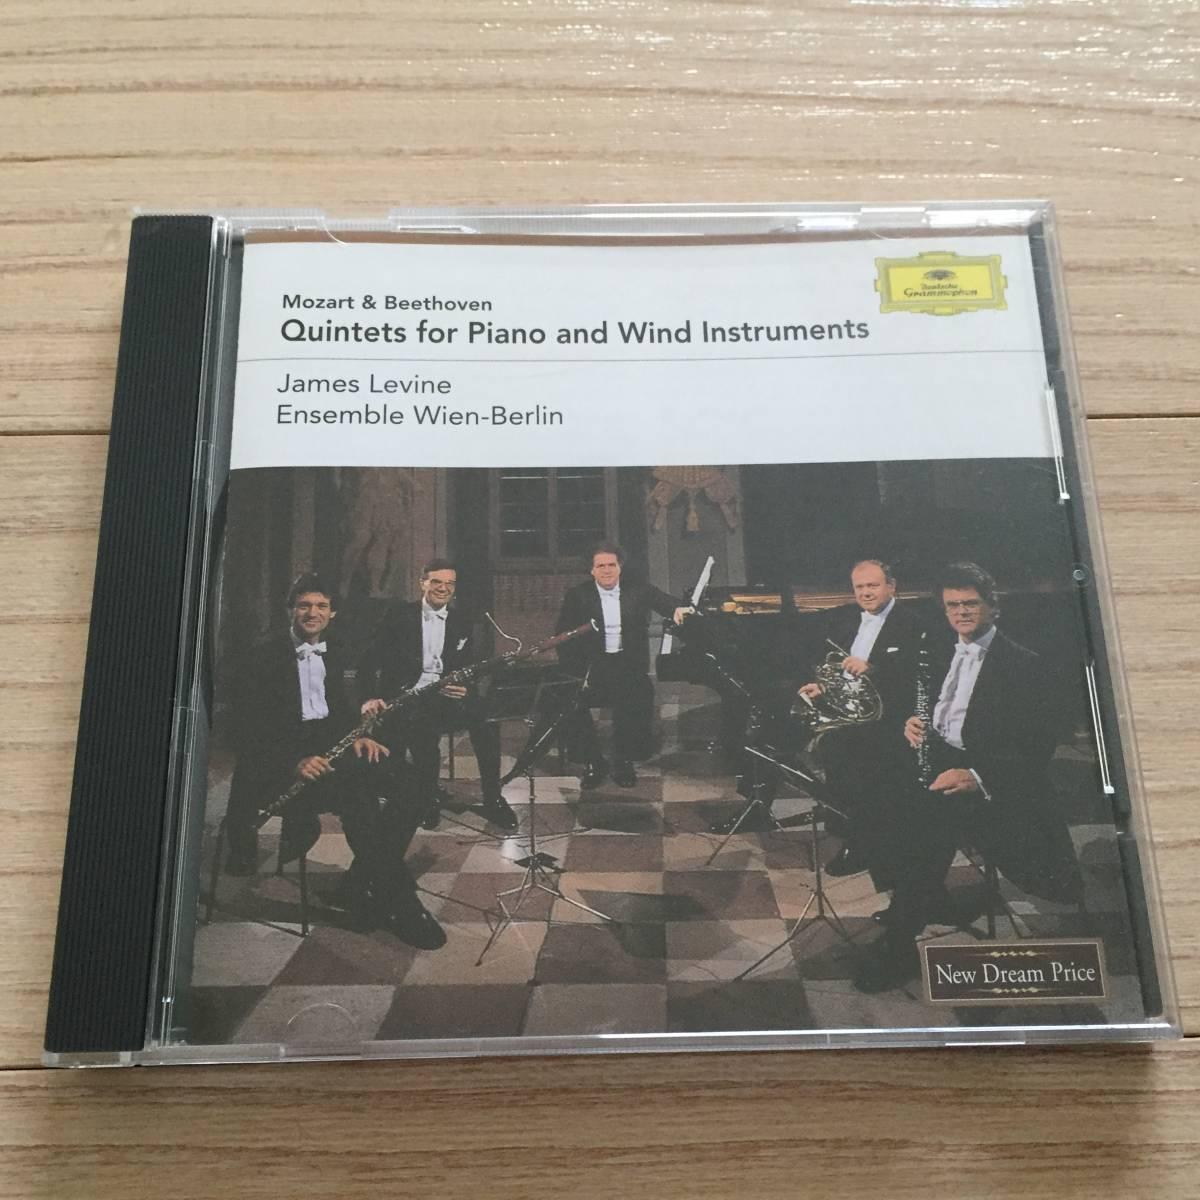 【国内盤CD/限定盤/Grammophon/UCCG-9575/2004年盤/with Obi】ピアノと管楽のための五重奏曲│ピアノ:レヴァイン/アンサンブル・ウィーン_画像1